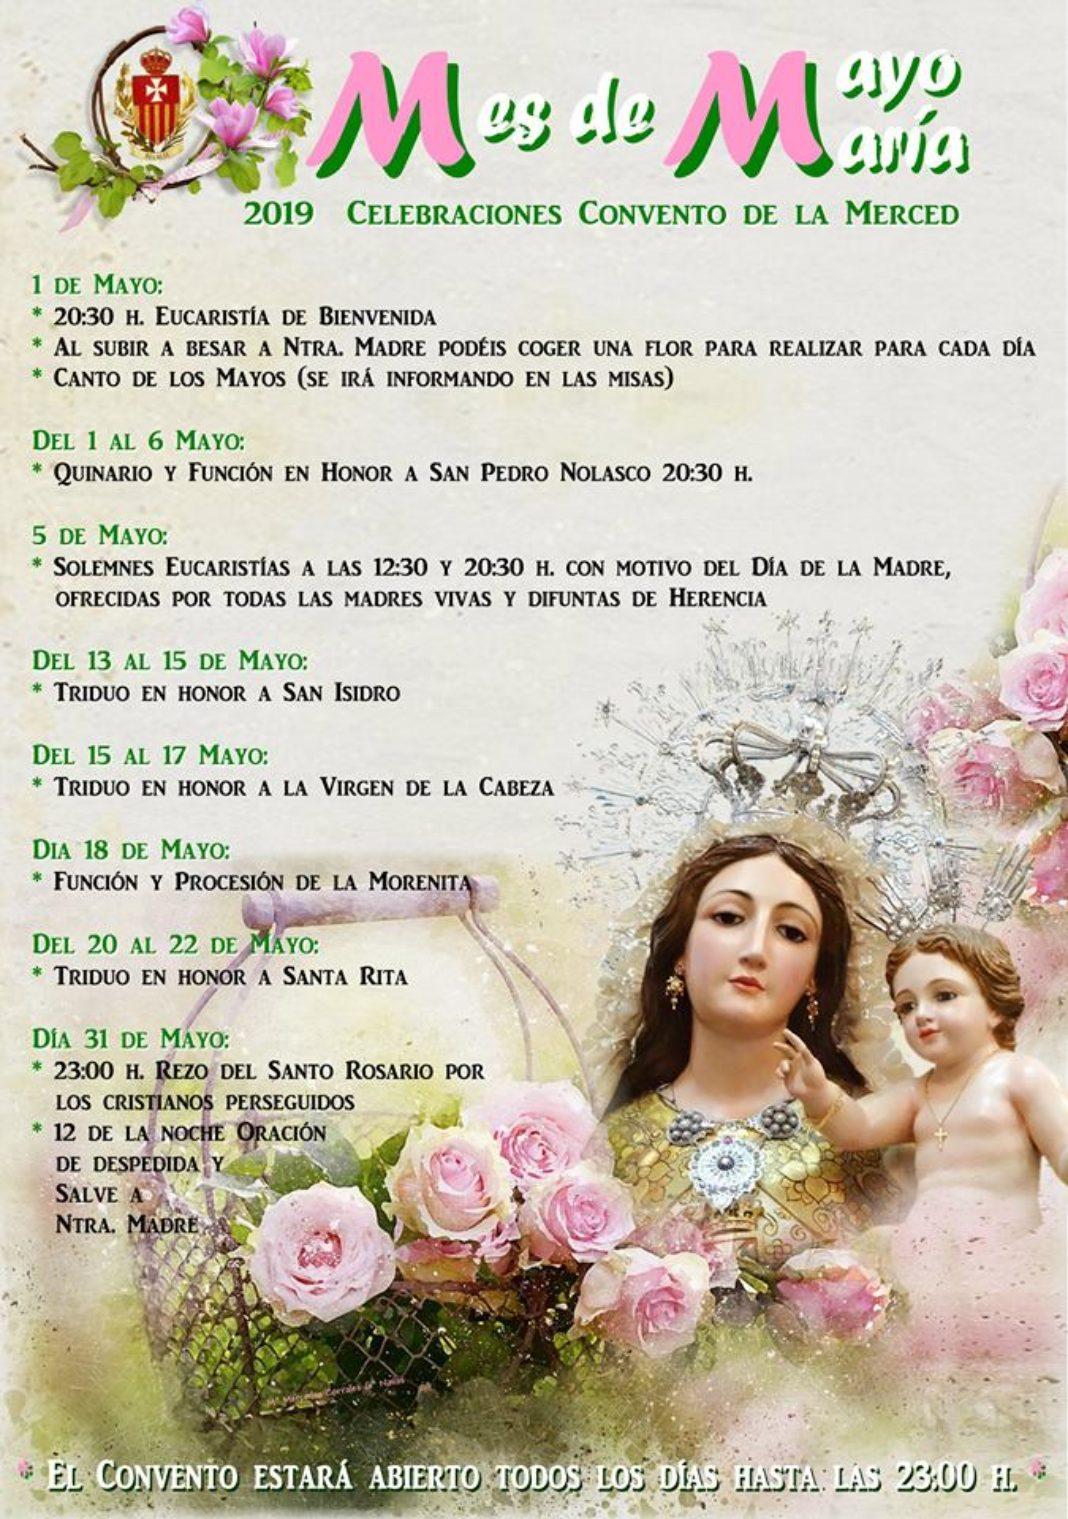 Mes de mayo en el convento de La Merced 1068x1519 - Celebraciones del mes de mayo en el convento de La Merced